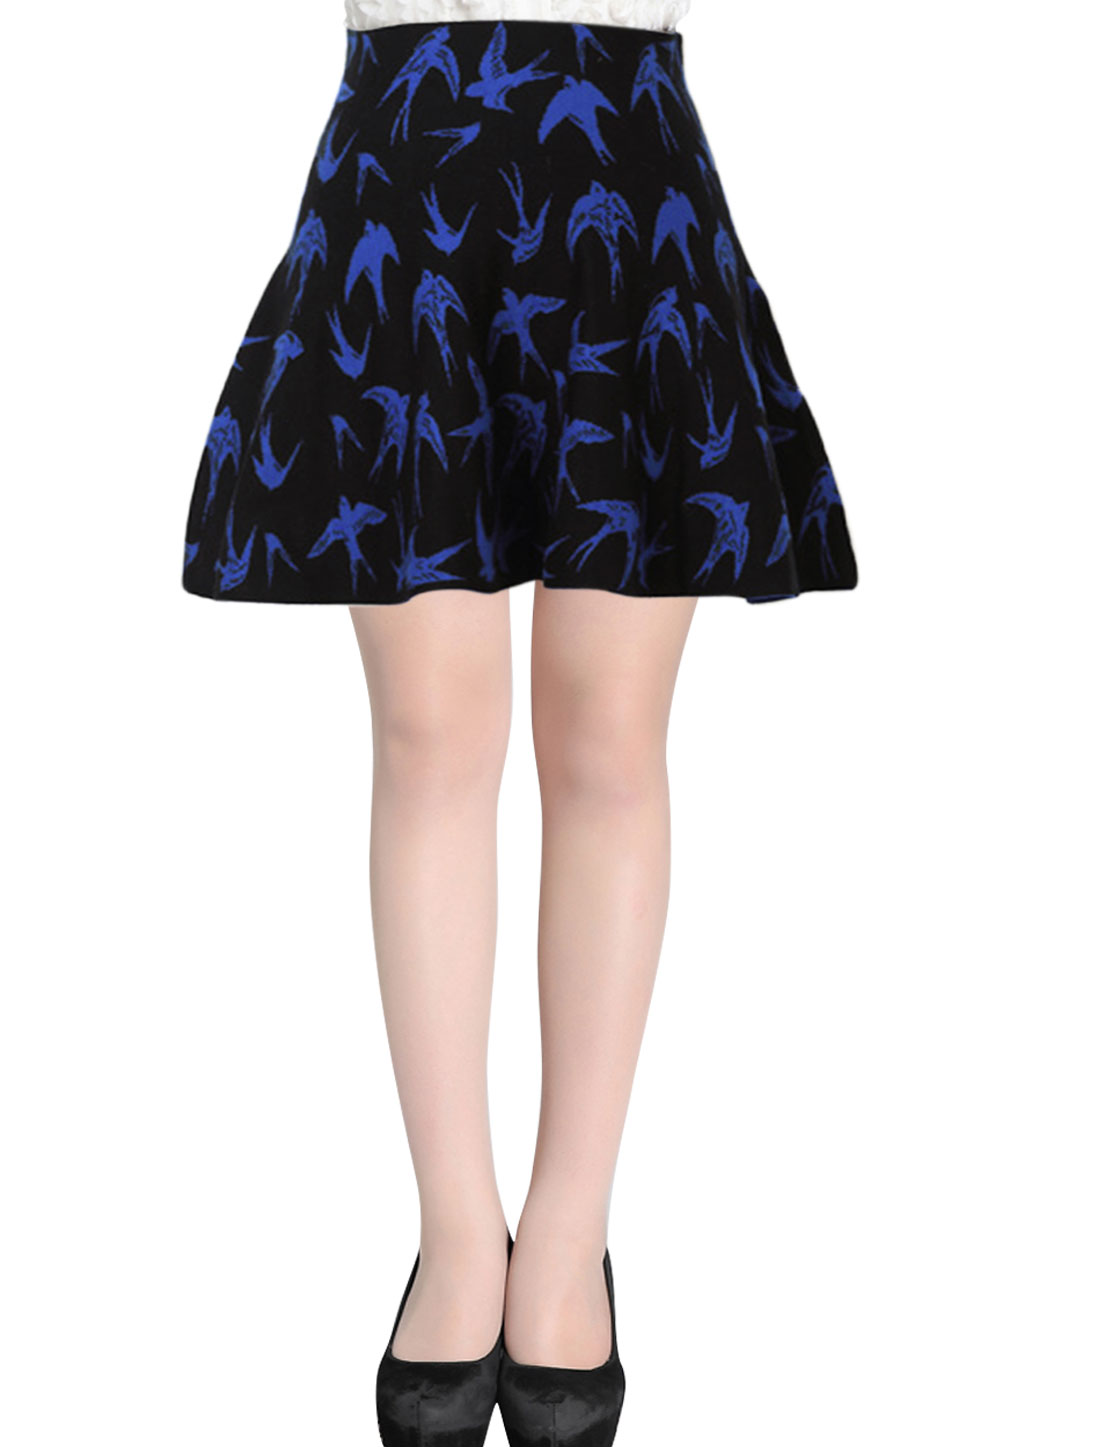 Women High Waist Design Stretchy Birds Pattern Knit Skirt Black XS